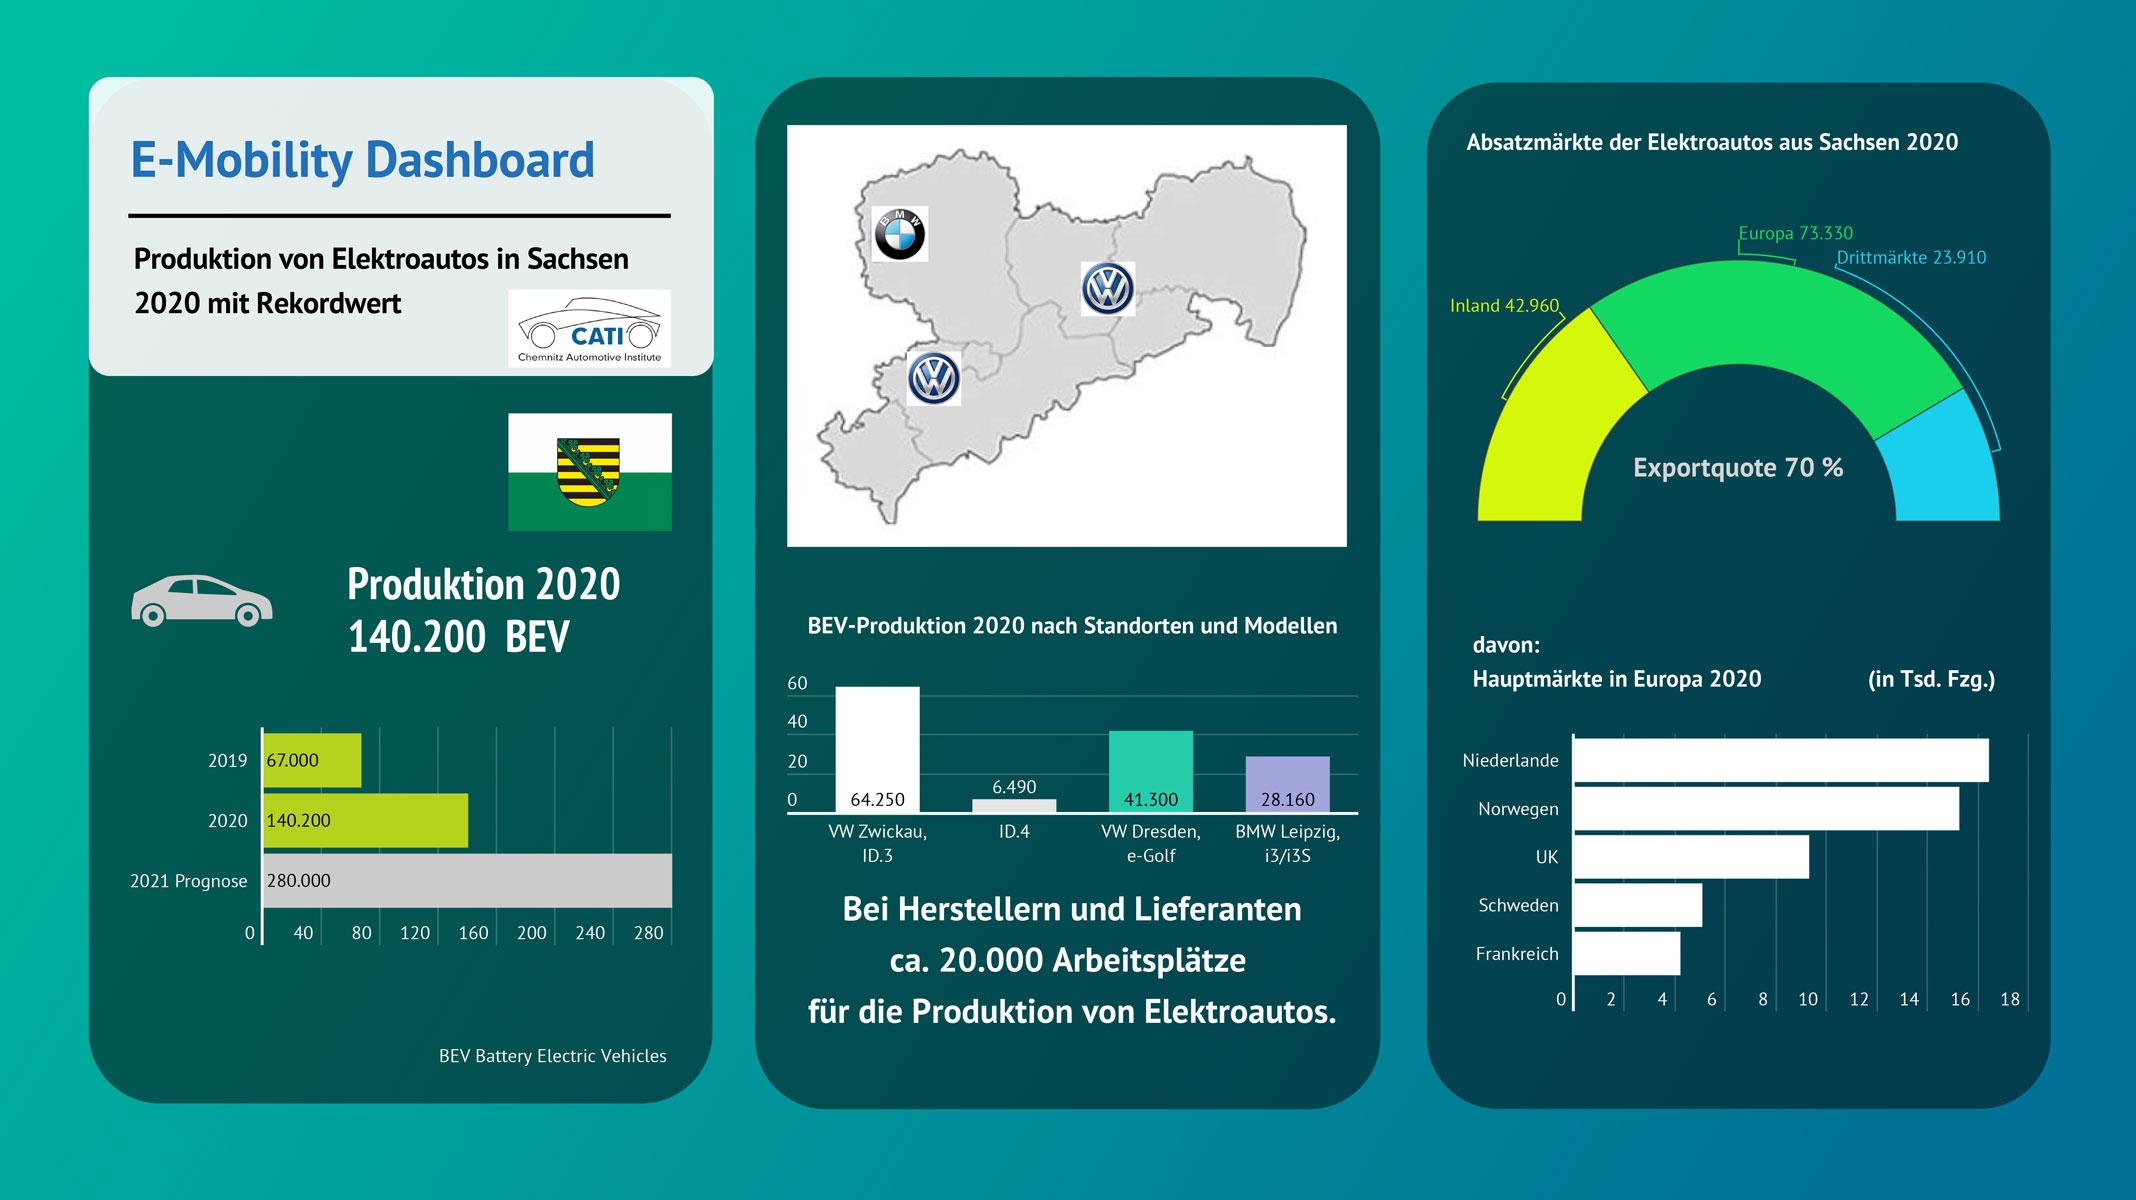 e-mobility-dashboard-2020-sachsen